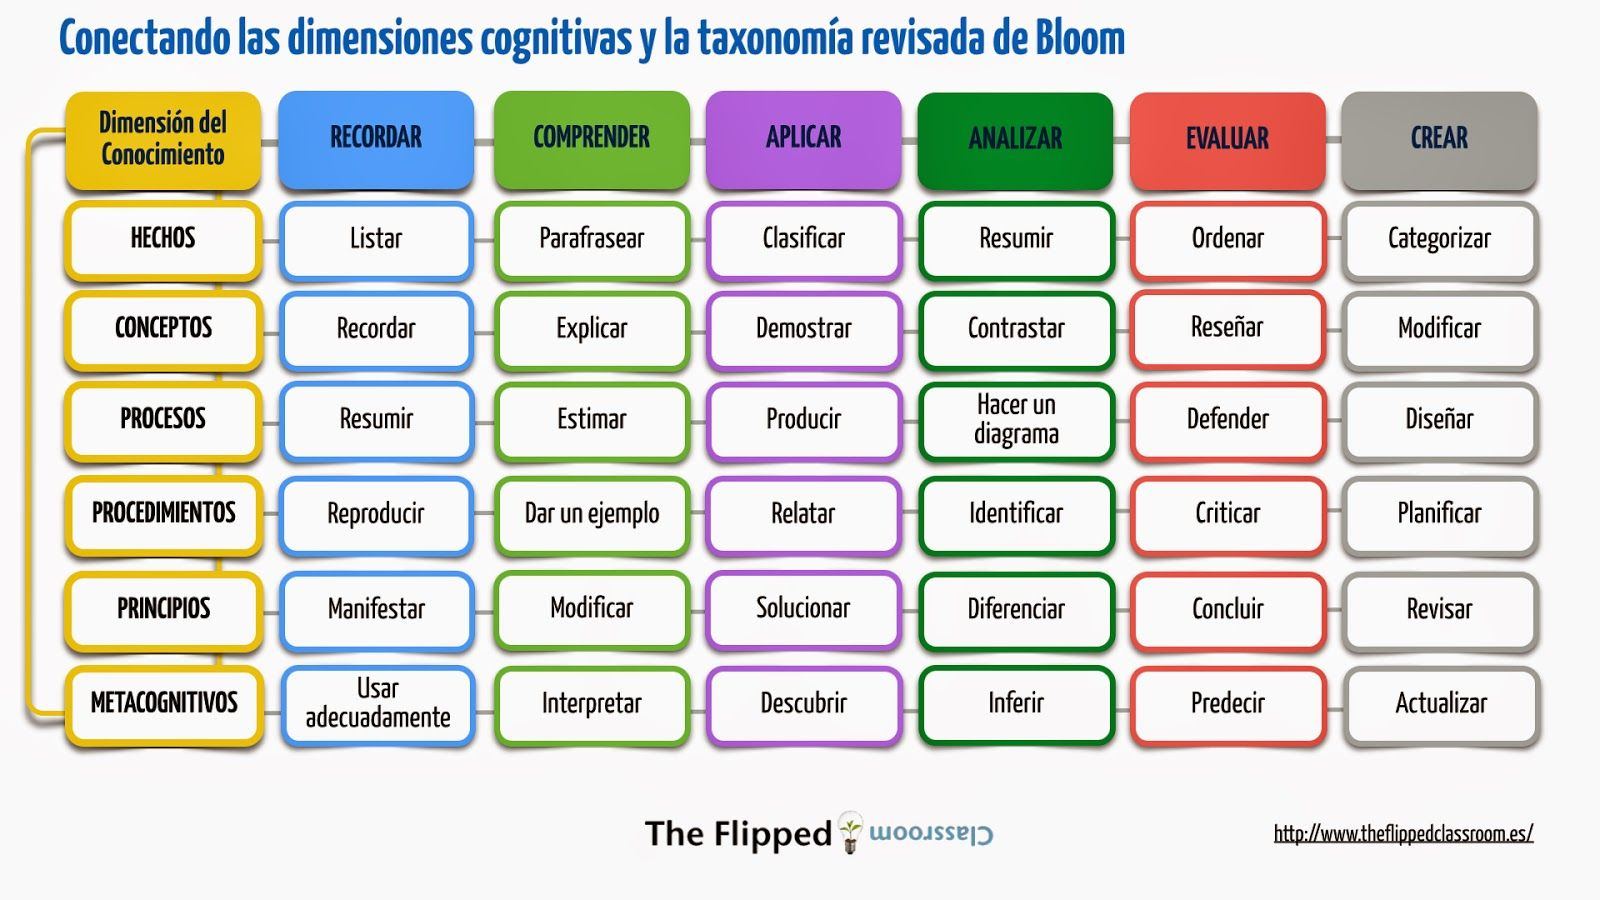 taxonomia-de-bloom-y-su-integracion-con-las-dimensiones-cognitivas